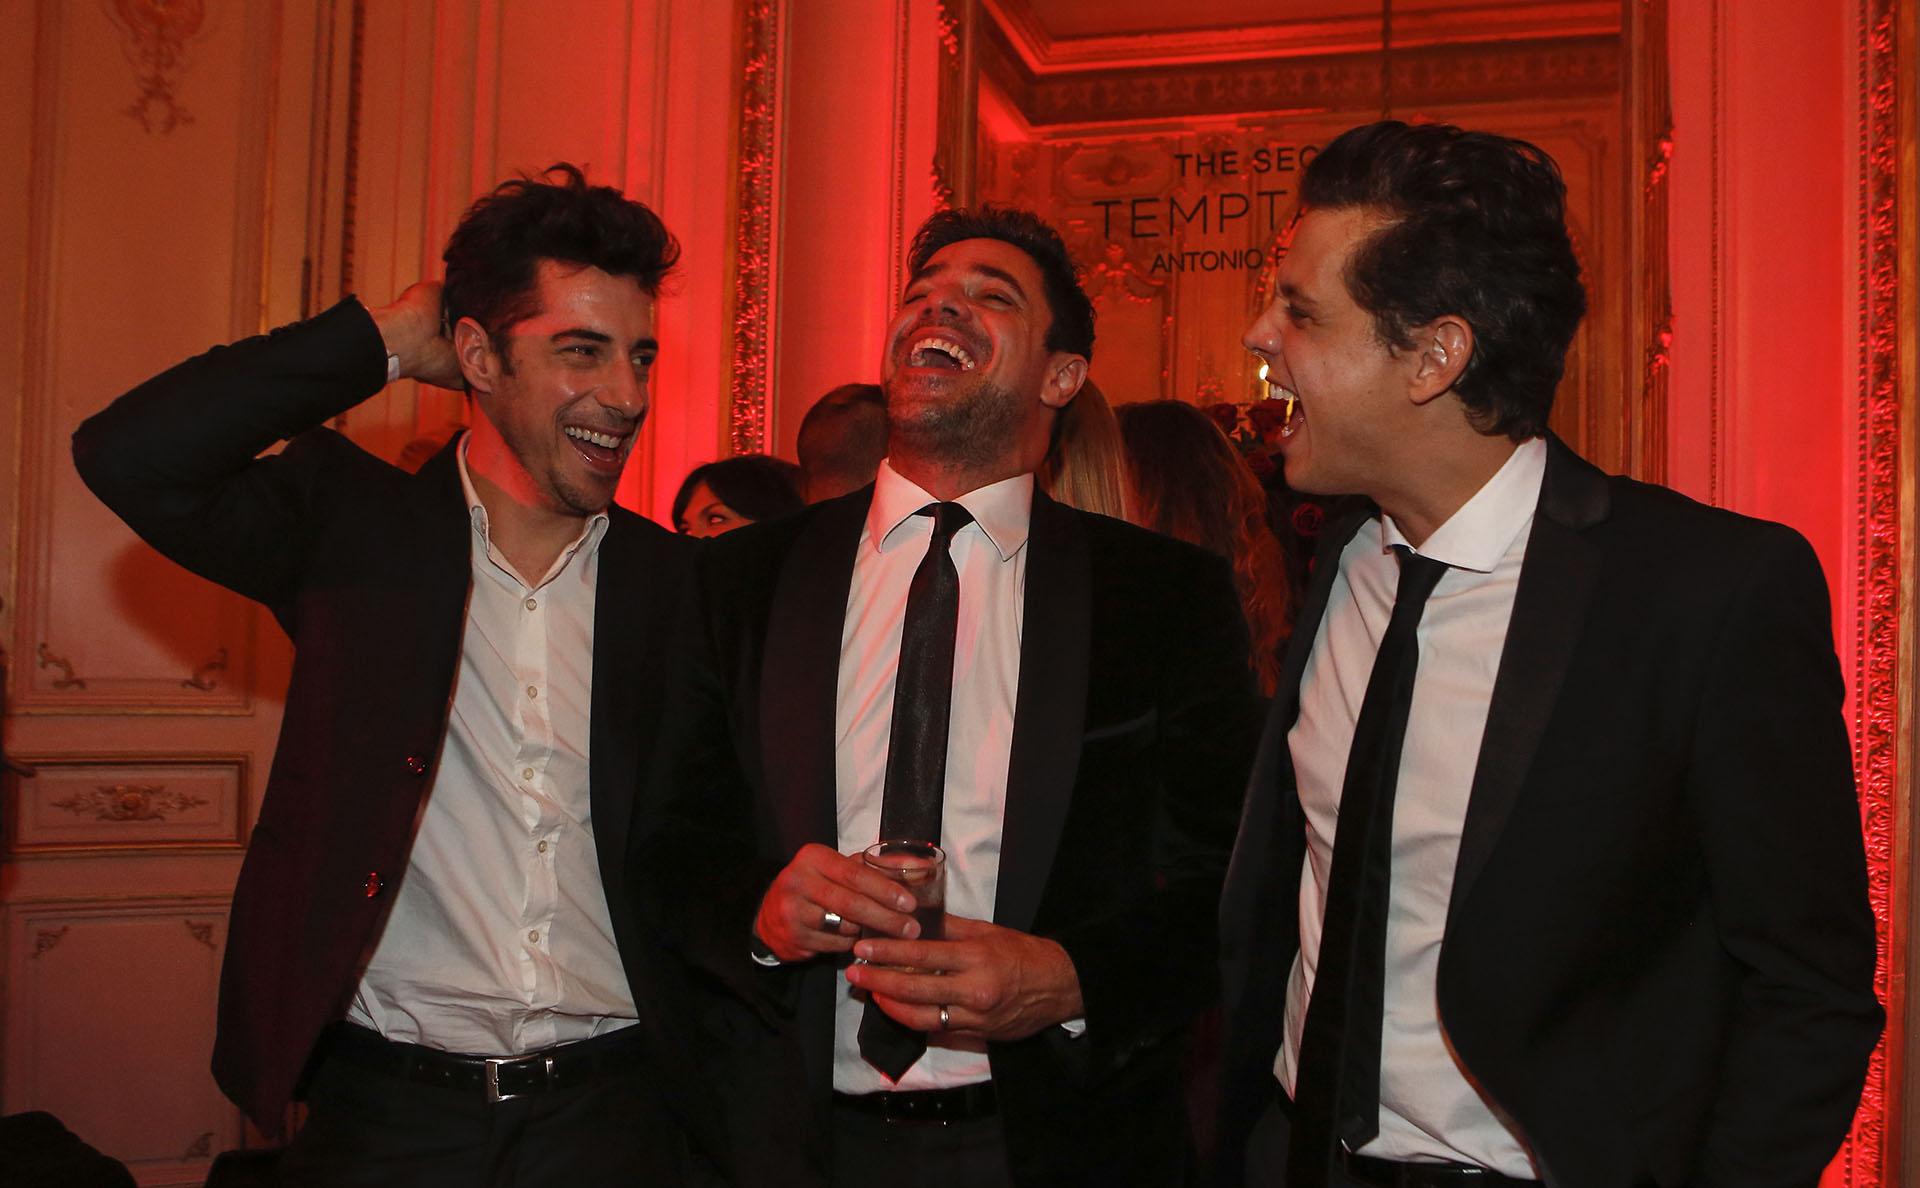 Galanes divertidos: Esteban Lamothe, Luciano Castro y Ludovico Di Santo